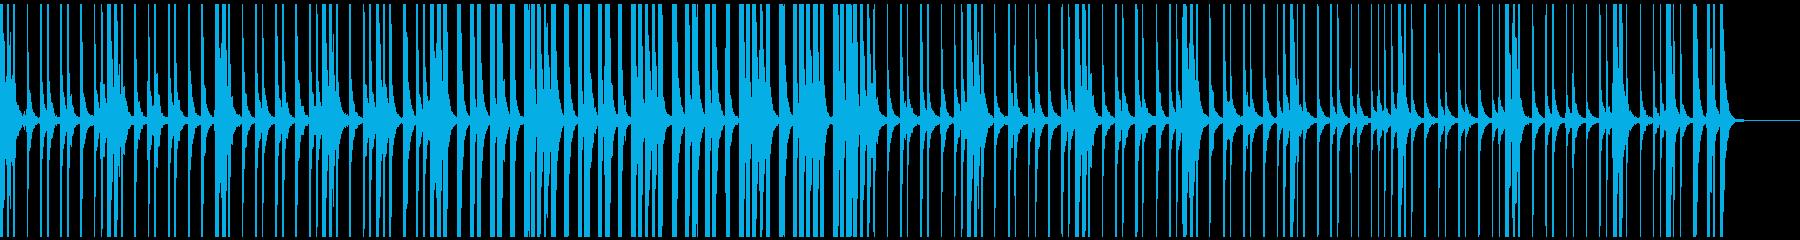 実験的な コーポレート アクティブ...の再生済みの波形